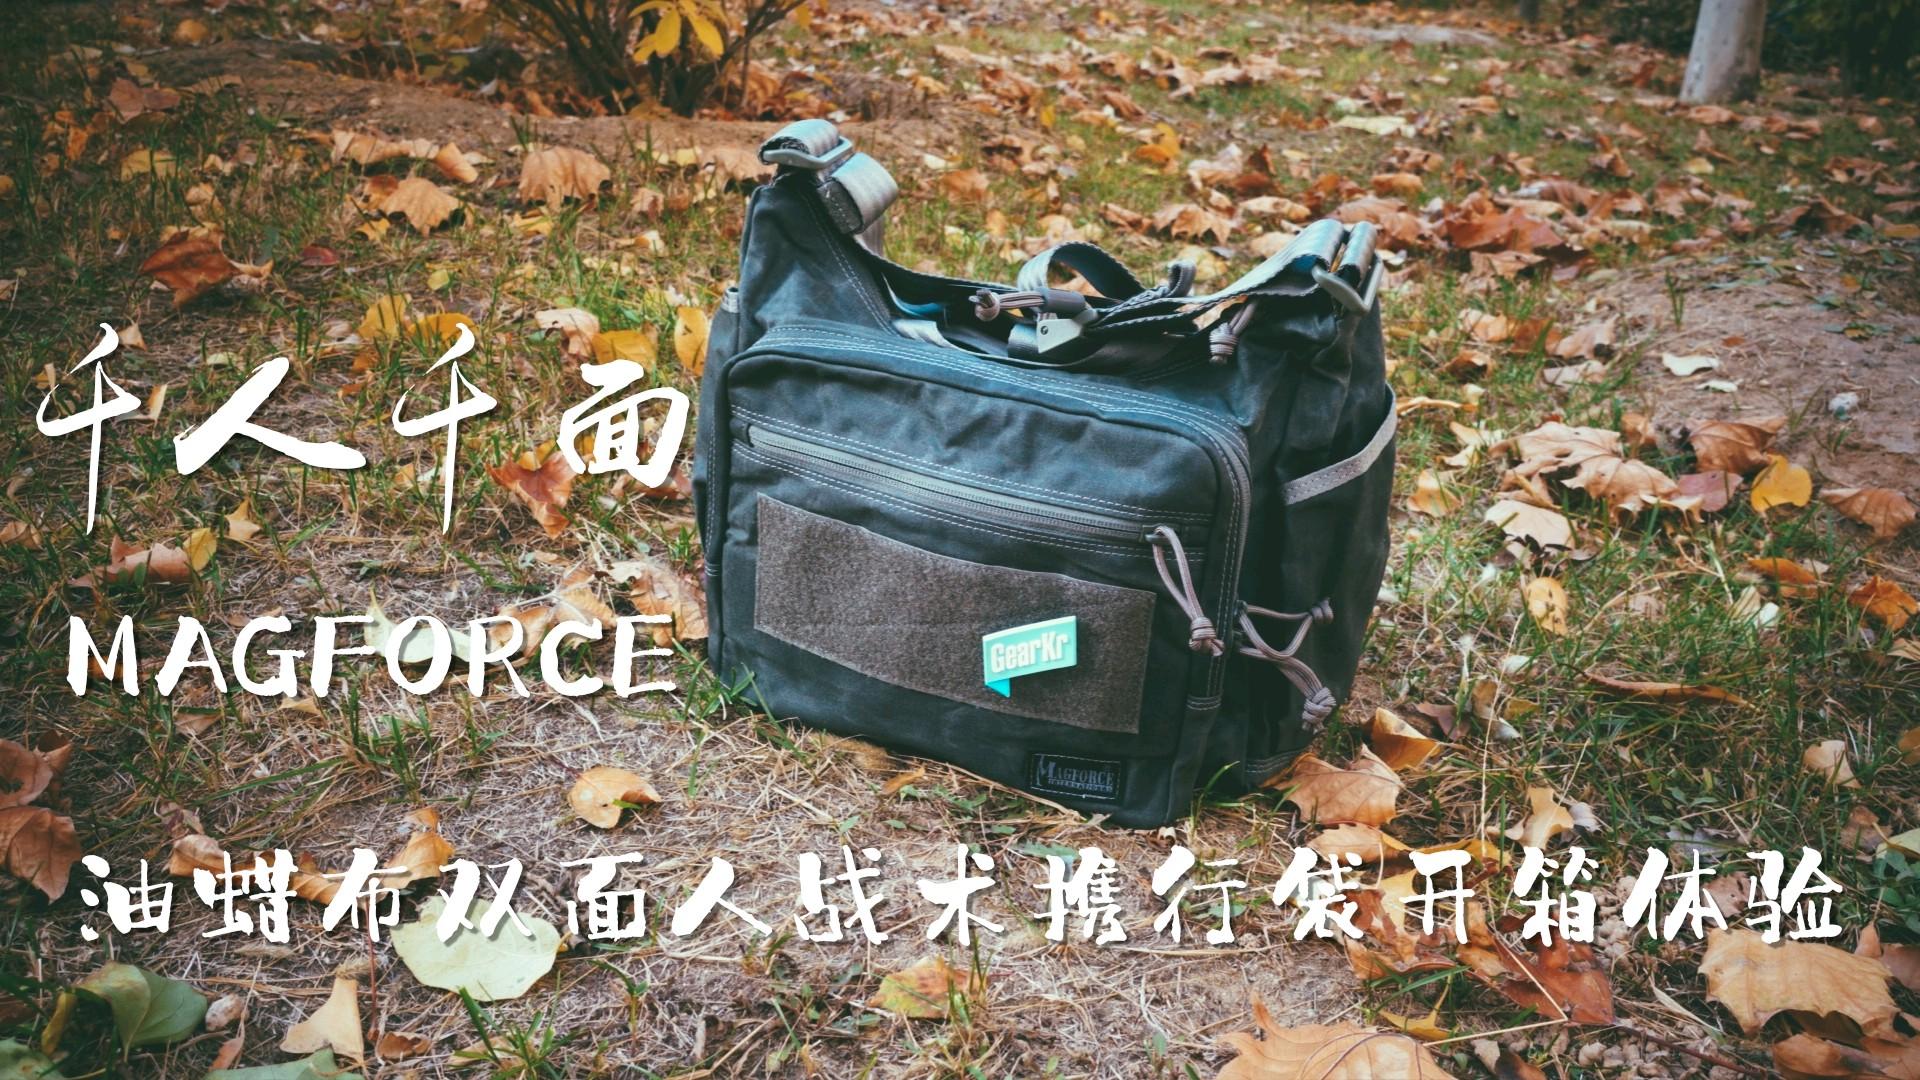 千人千面:magforce油蜡布双面人战术携行袋开箱体验